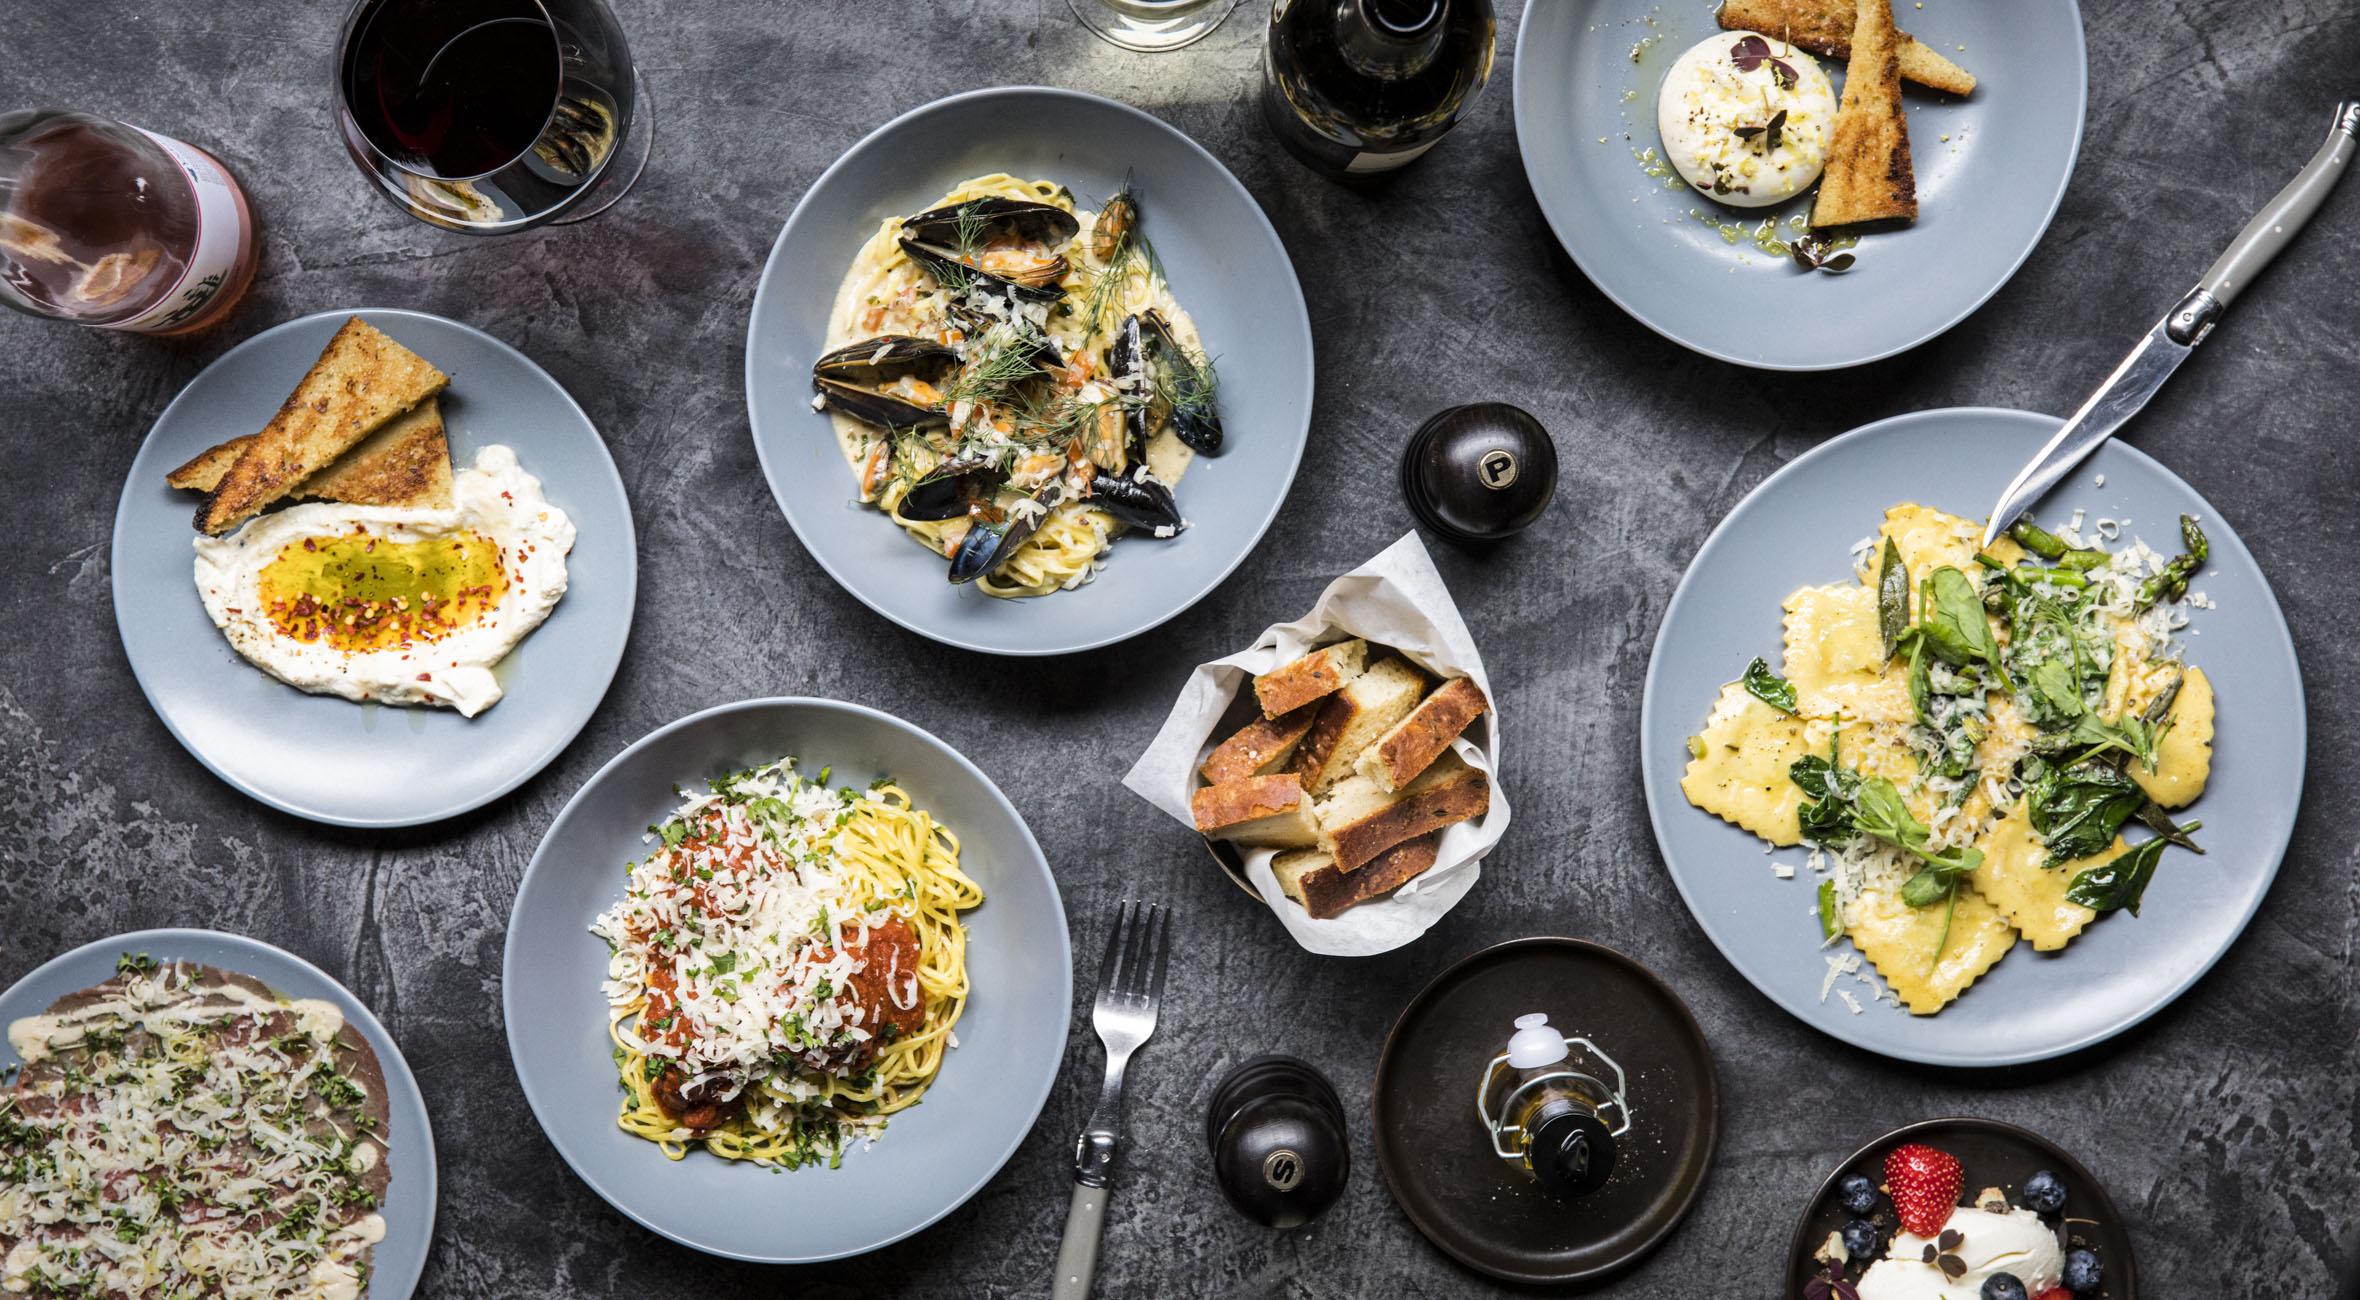 Frit valg til alt hos Barril Pasta & Wine Bar på Vesterbro – Hip pasta- og vinbar byder på alt, hvad hjertet kan begære